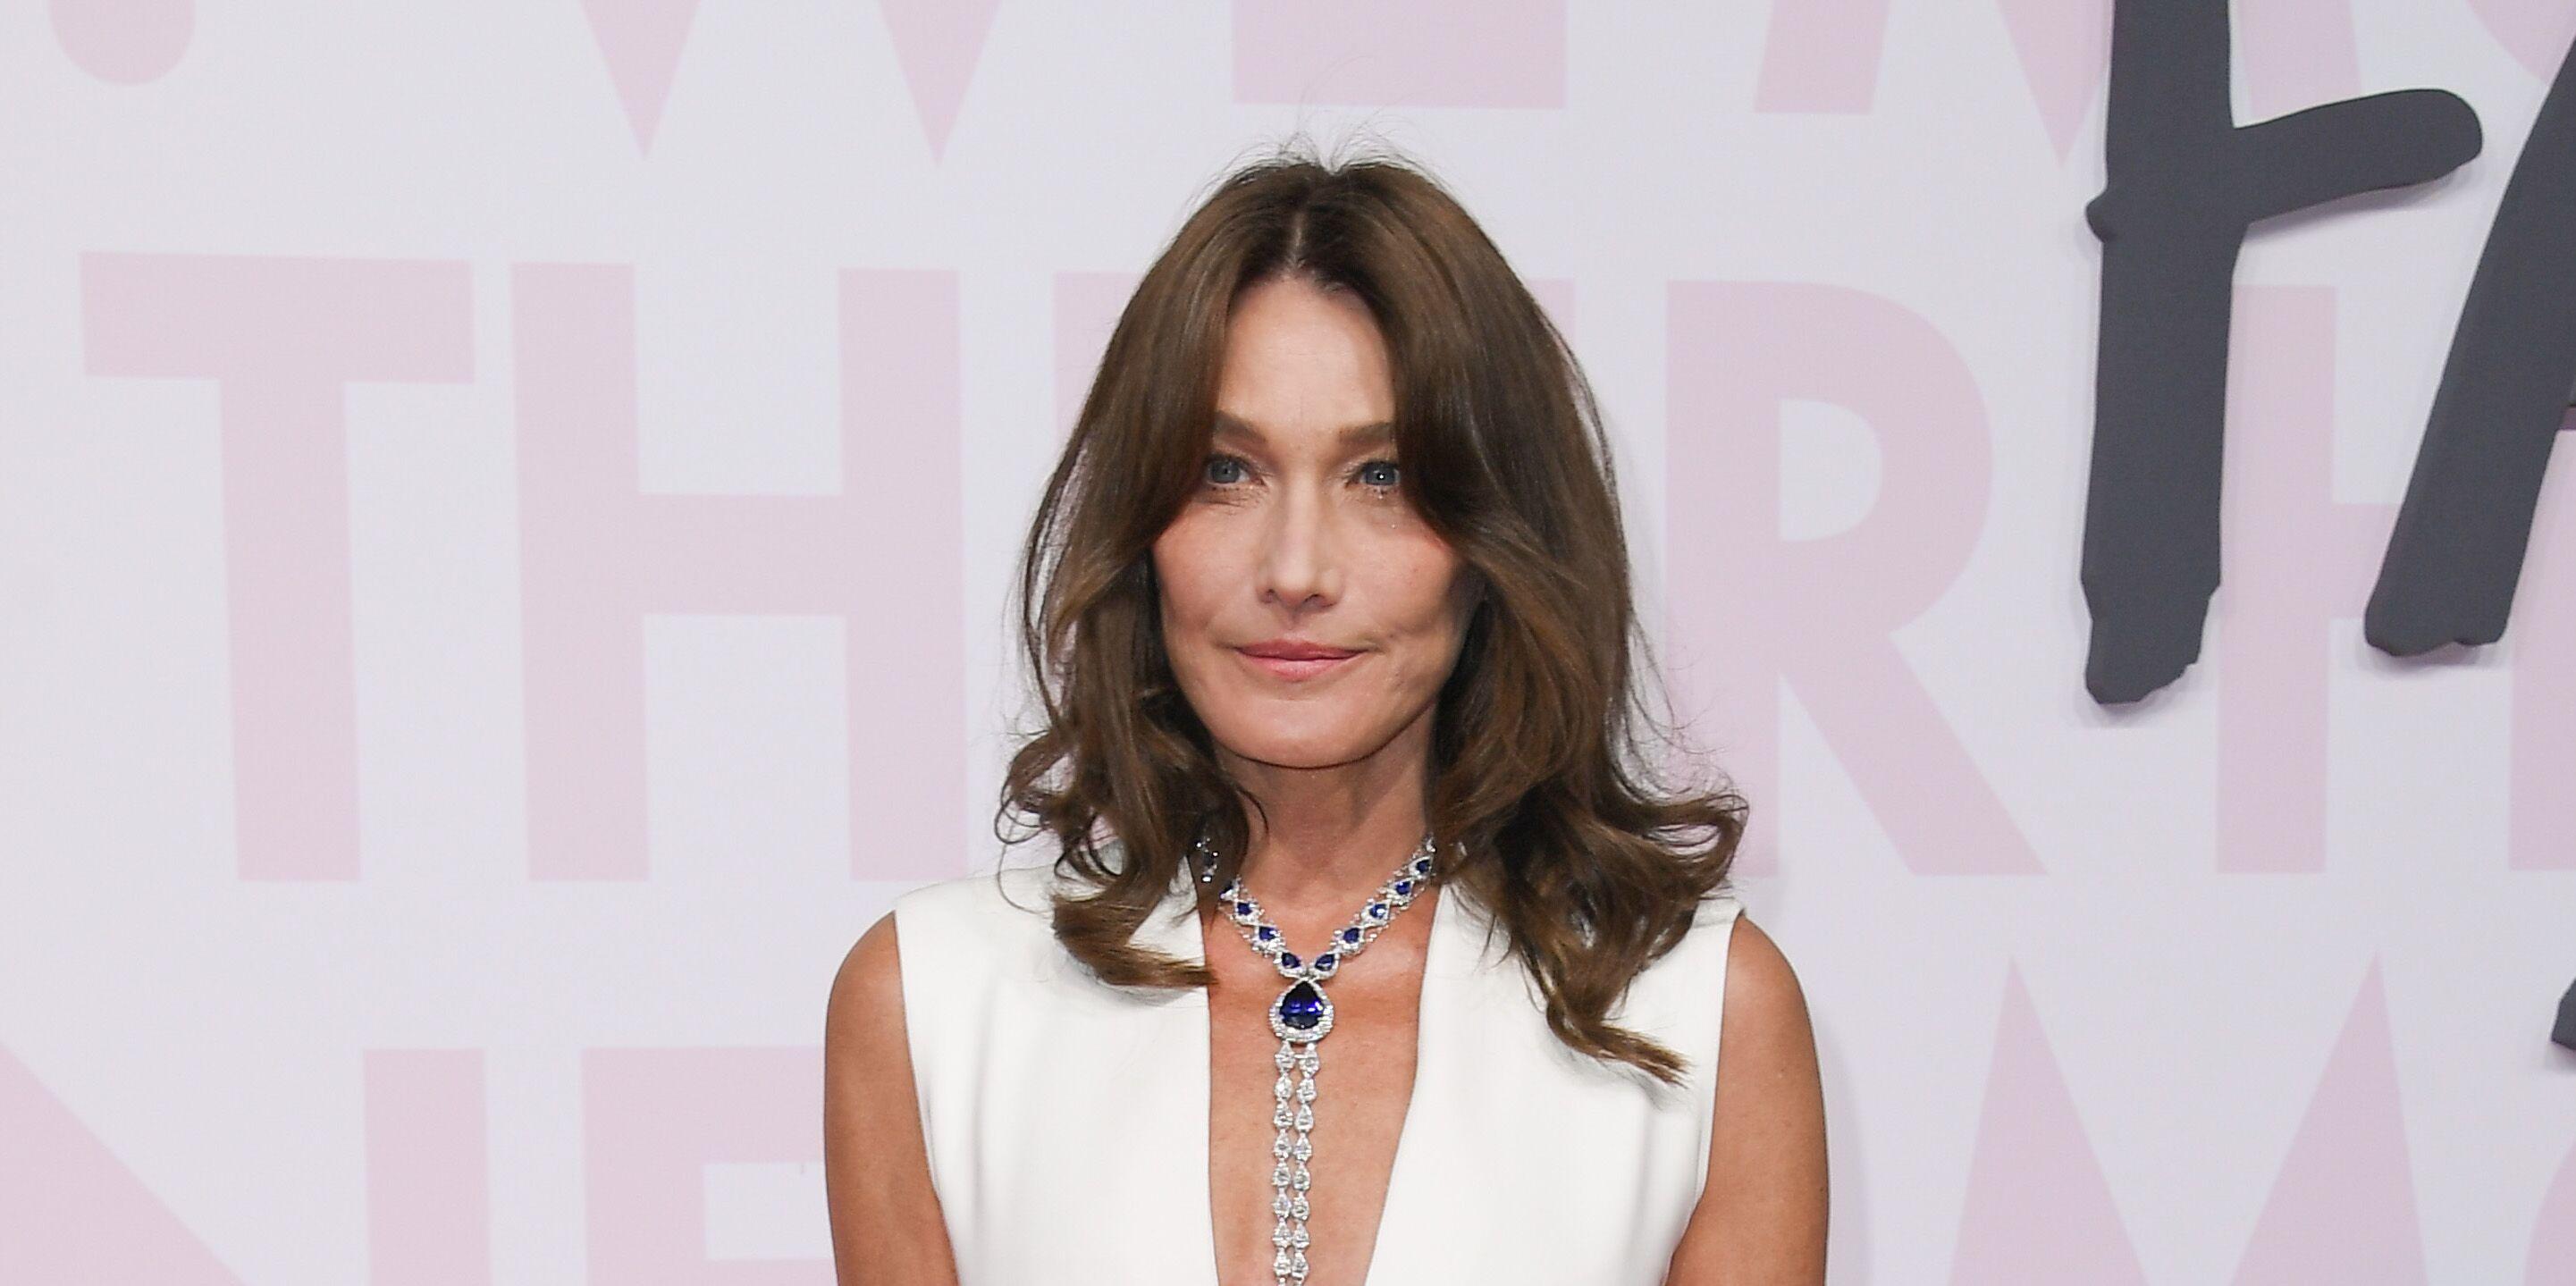 a0704298f13 PHOTOS Carla Bruni méconnaissable   sa folle transformation pour le Vogue  italien - Voici